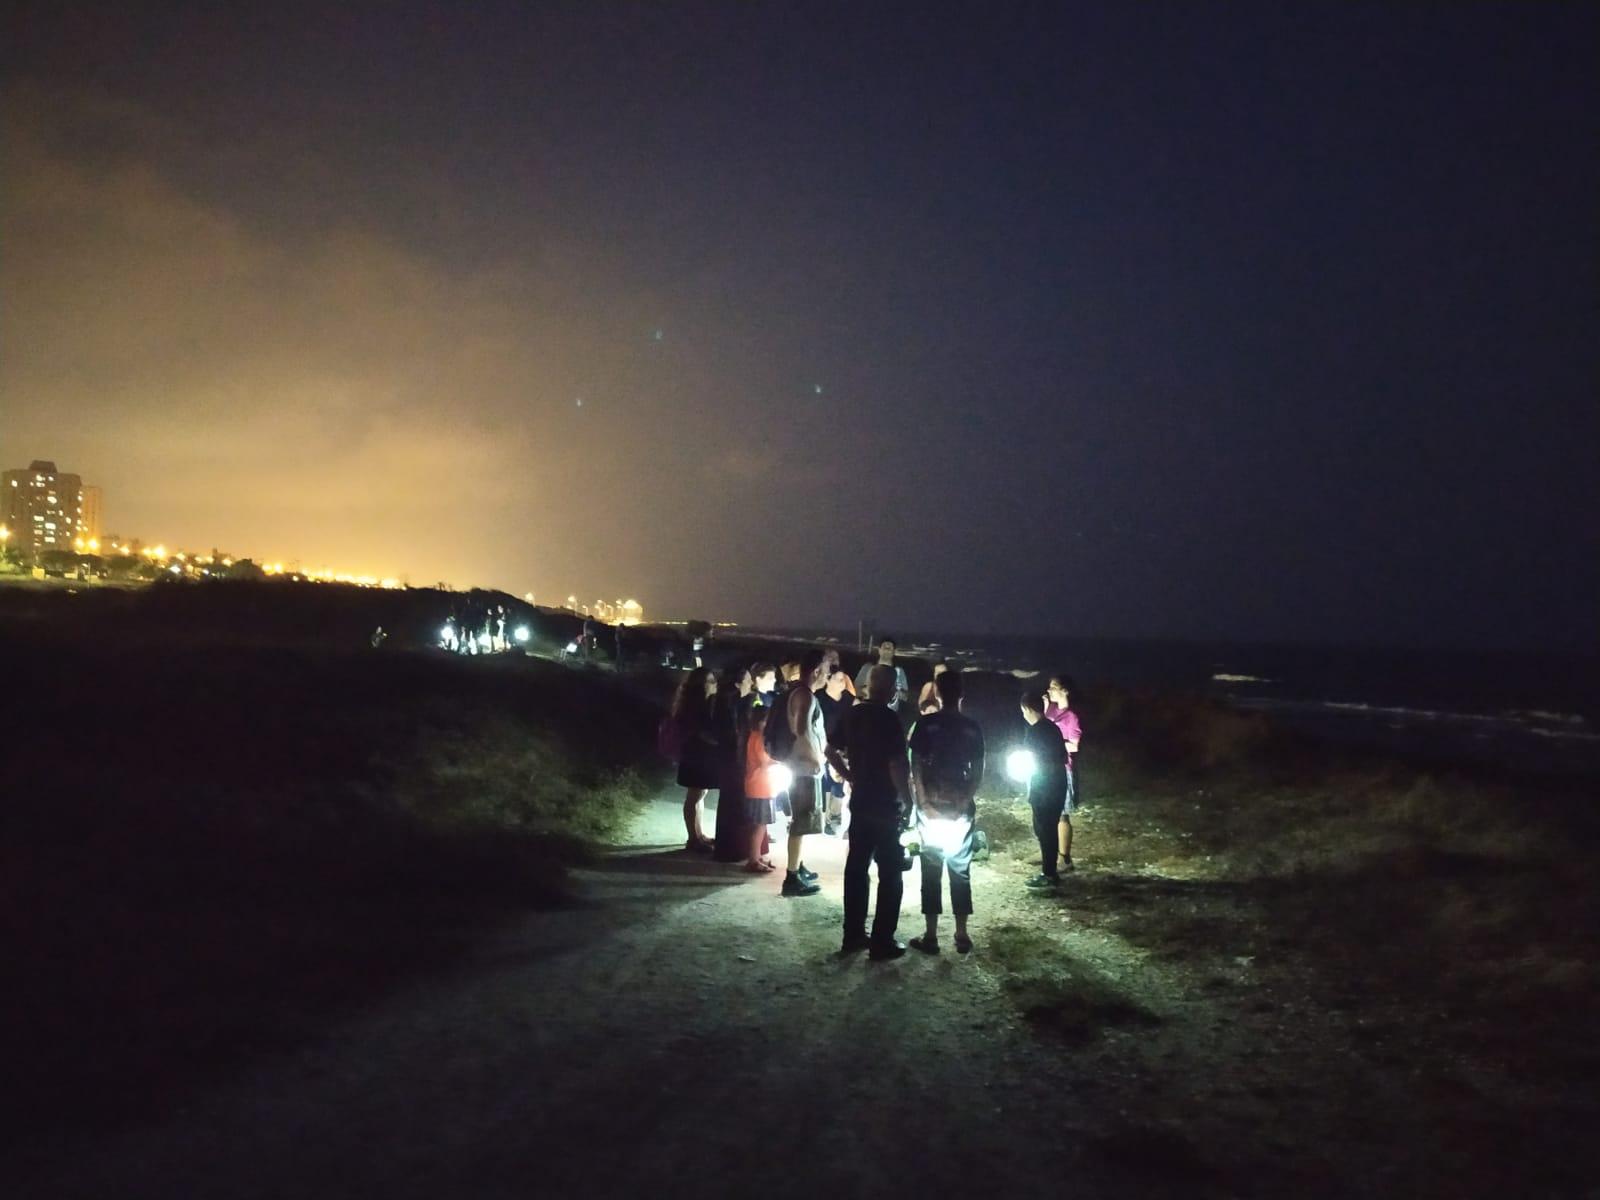 ערב עששיות בנמל קיסריה - בשבילנו